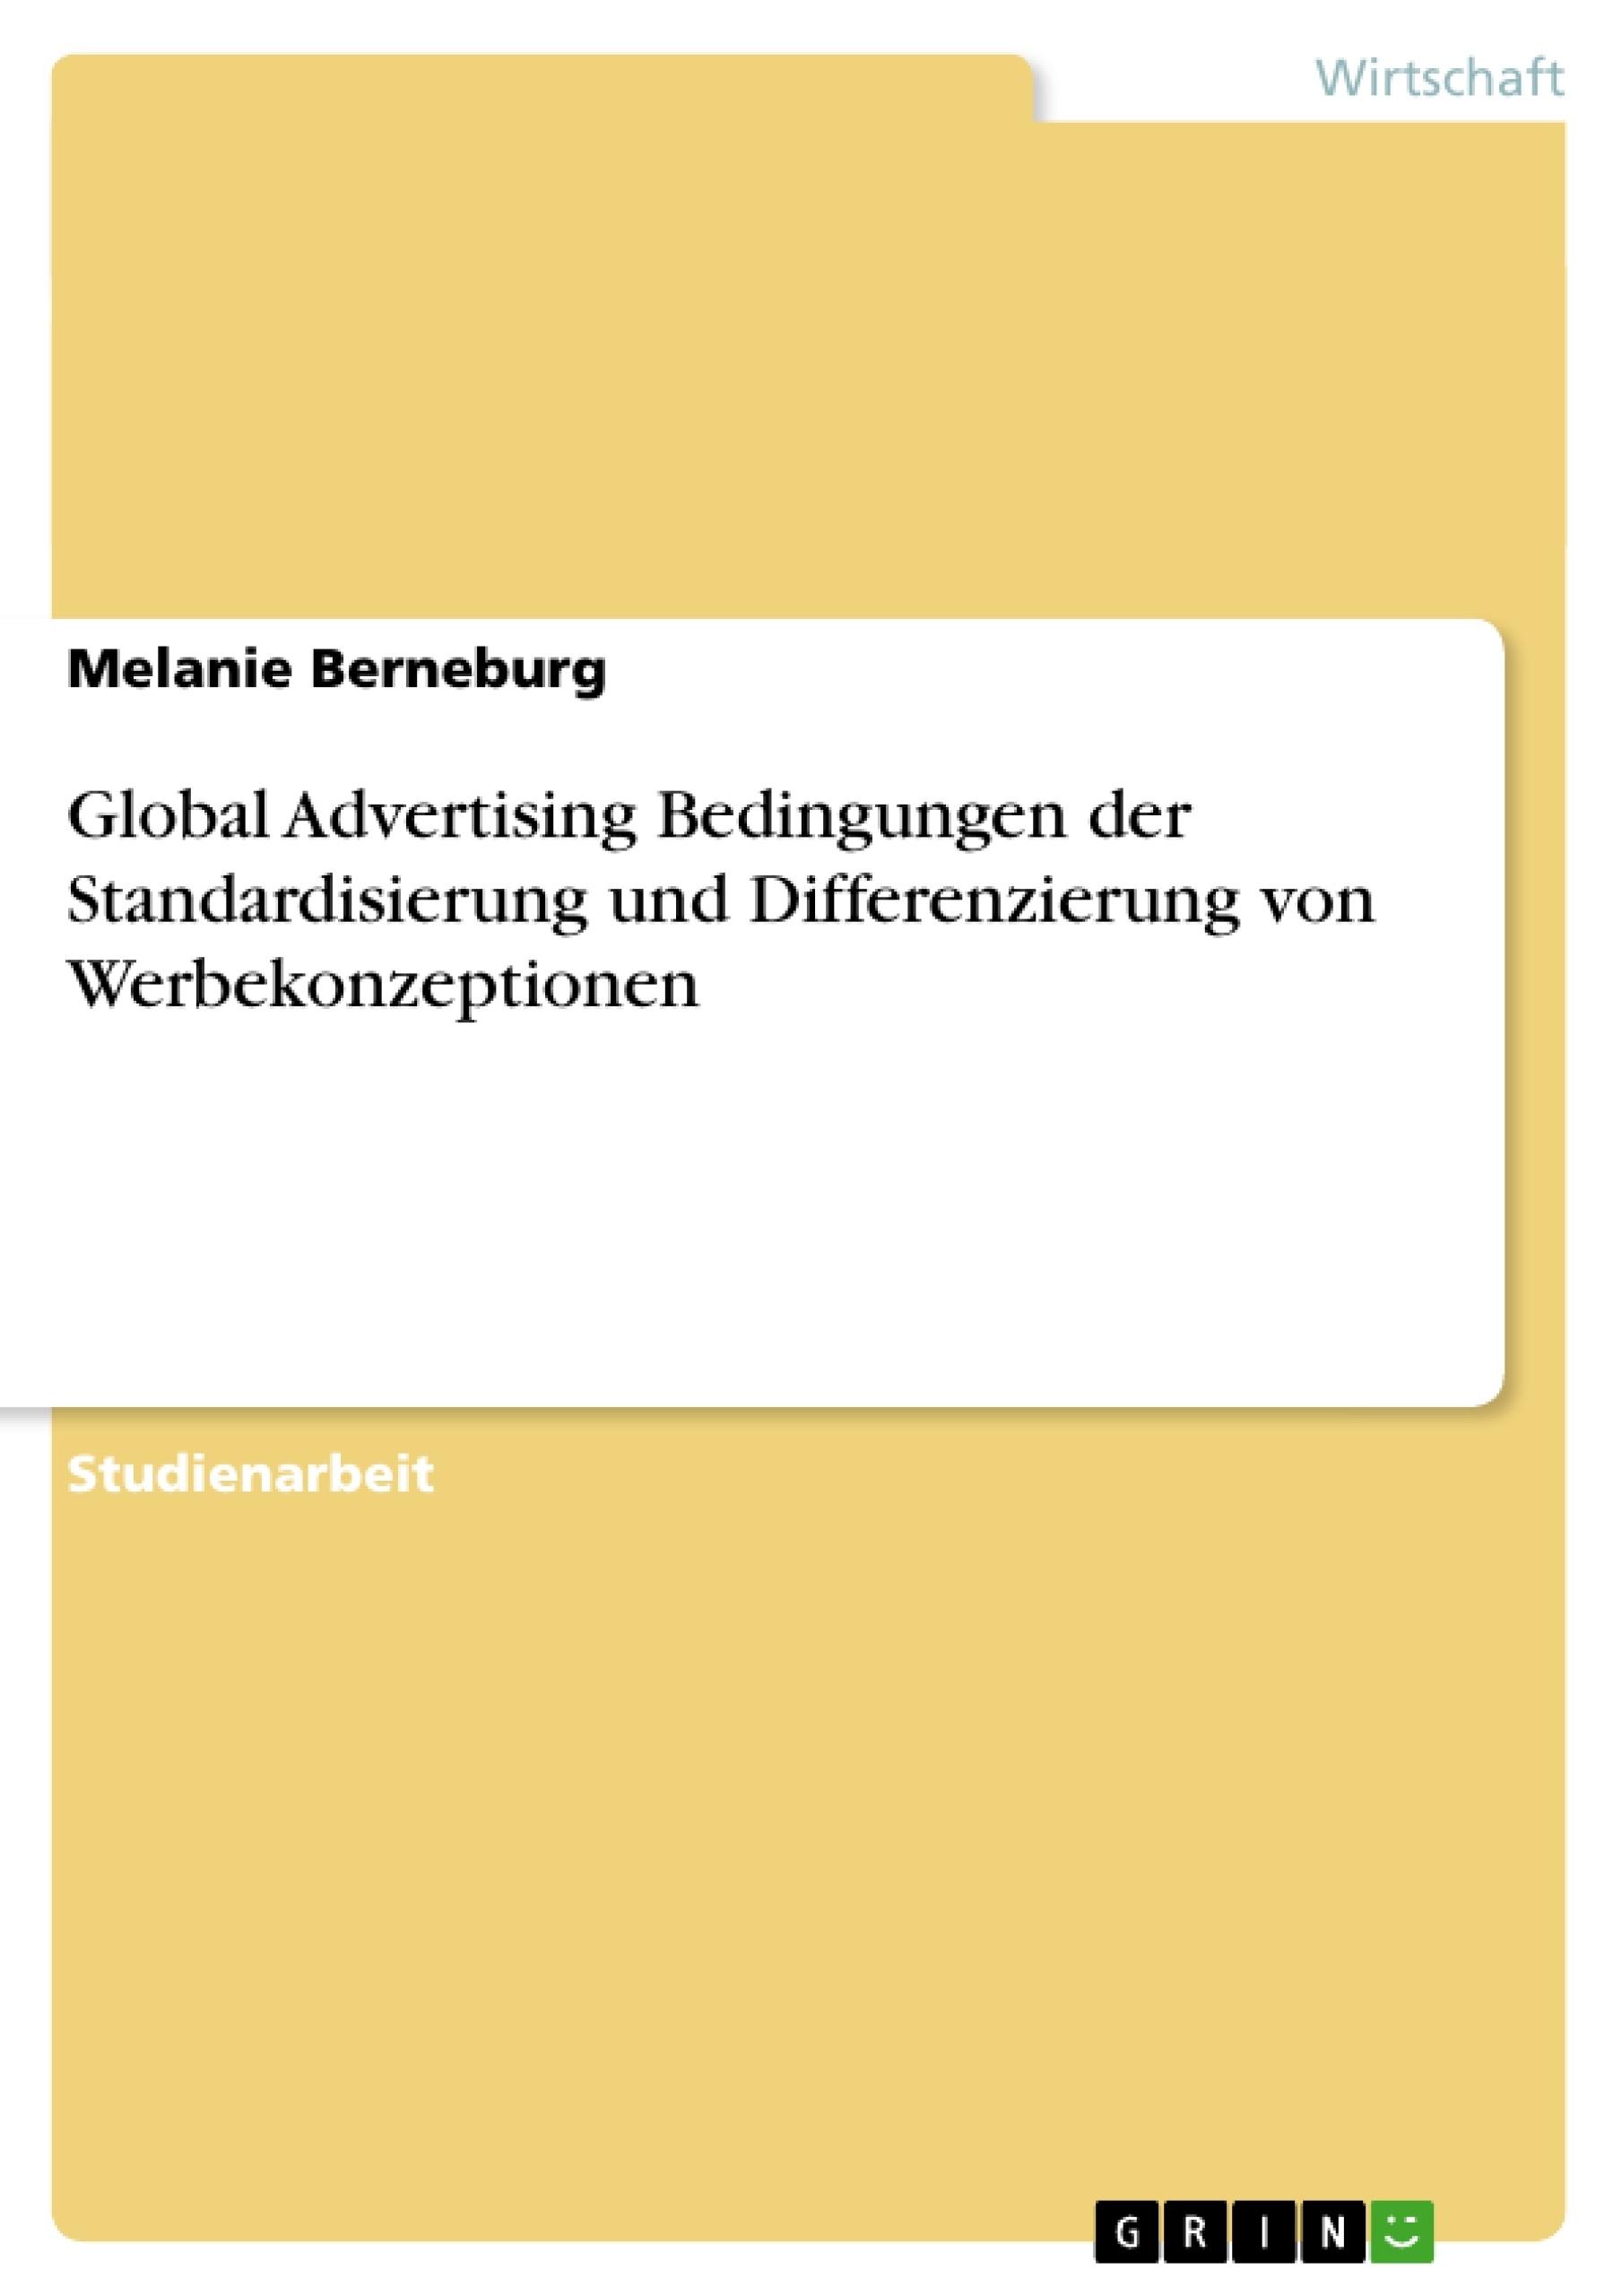 Titel: Global Advertising Bedingungen der Standardisierung und Differenzierung von Werbekonzeptionen